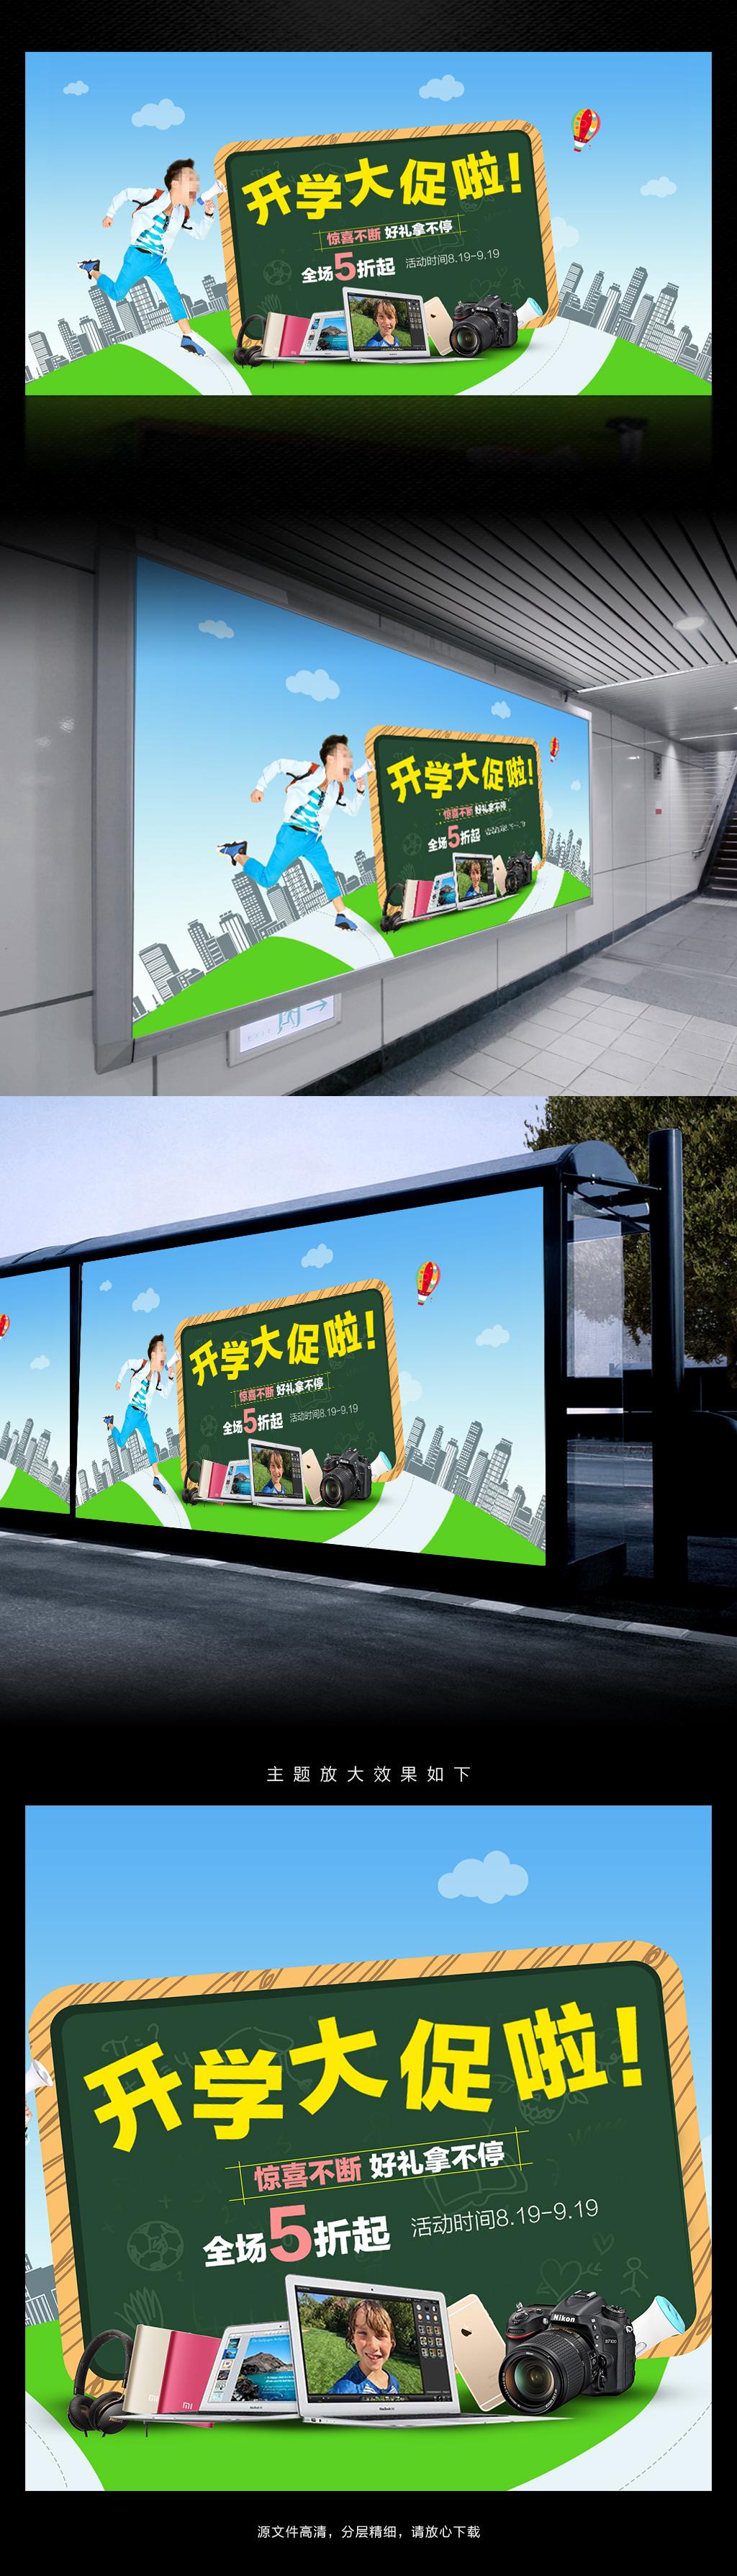 平面|广告设计 海报设计 pop海报 > 开学大促啦开学促销海报   图片